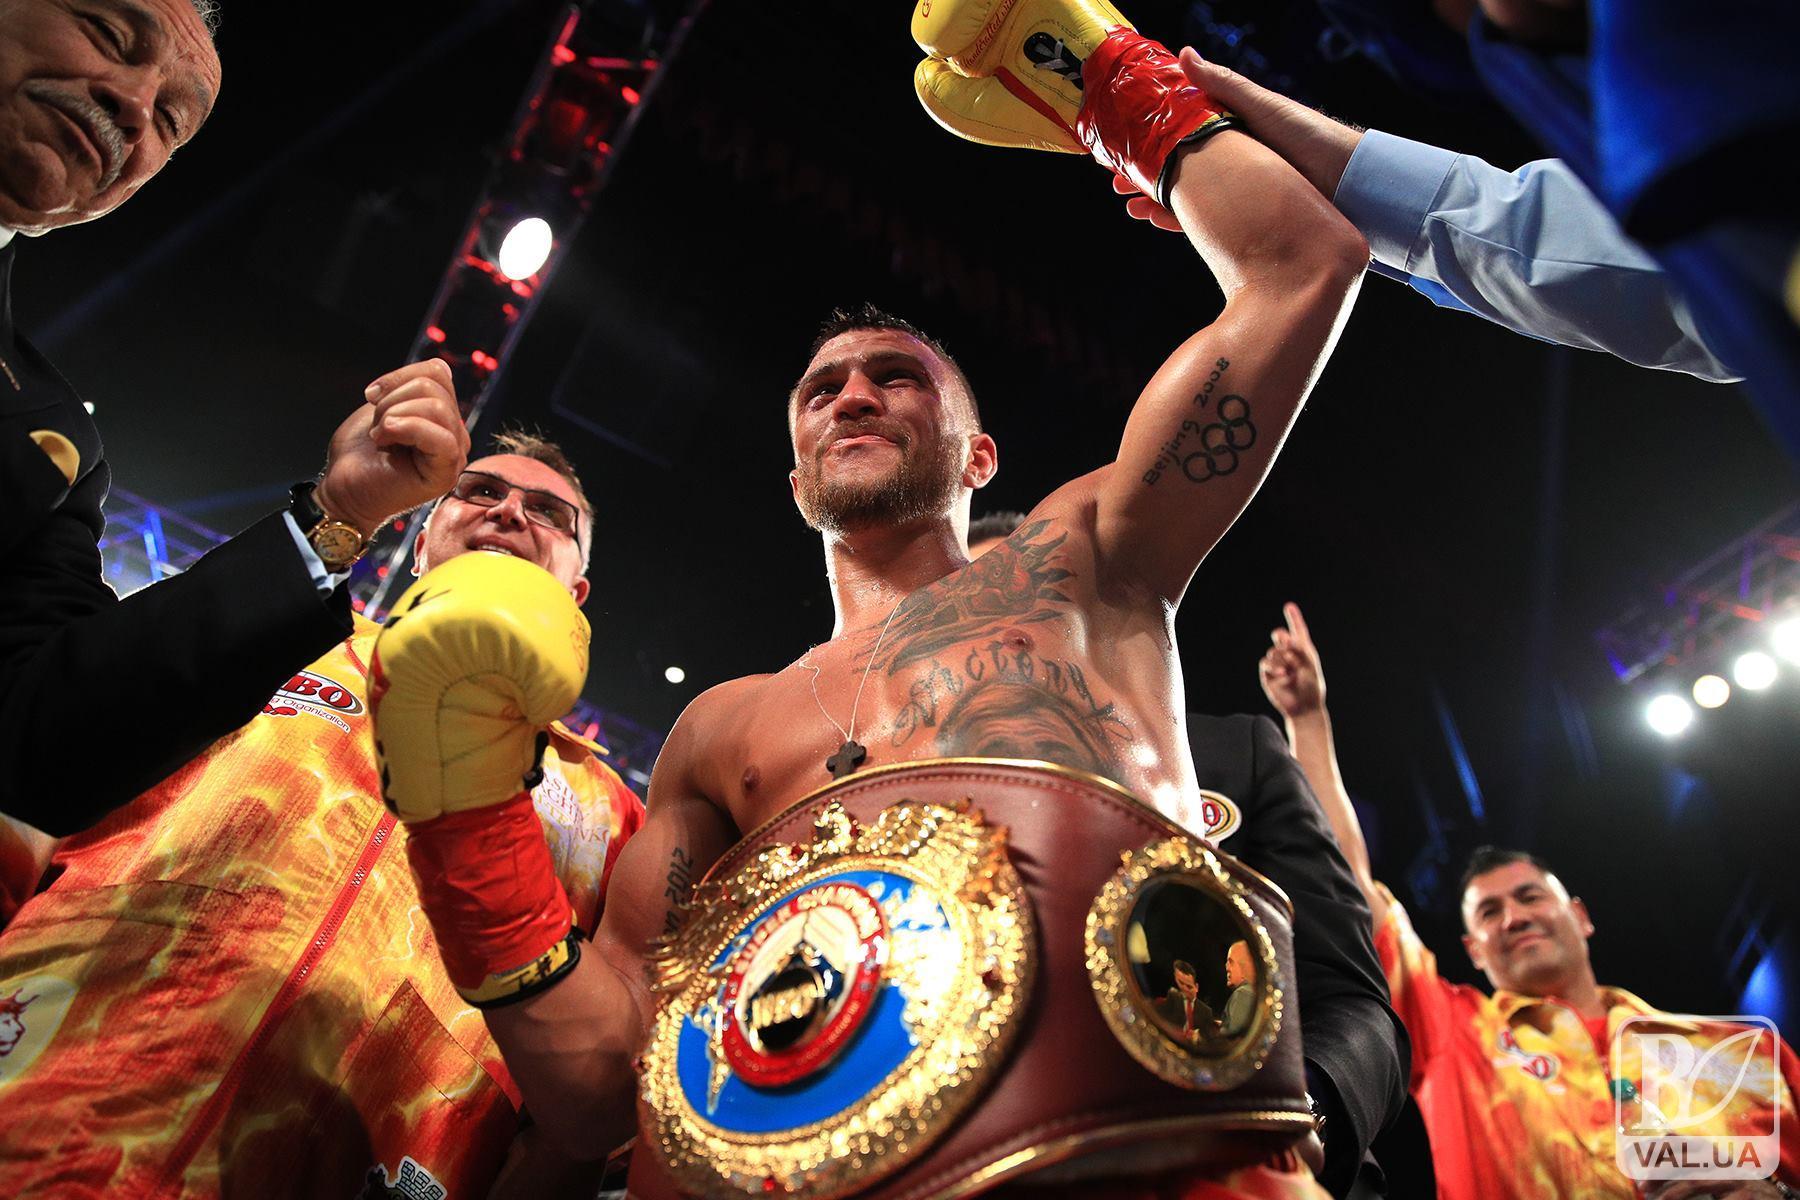 Український боксер Ломаченко піде за «скальпом» венесуельця